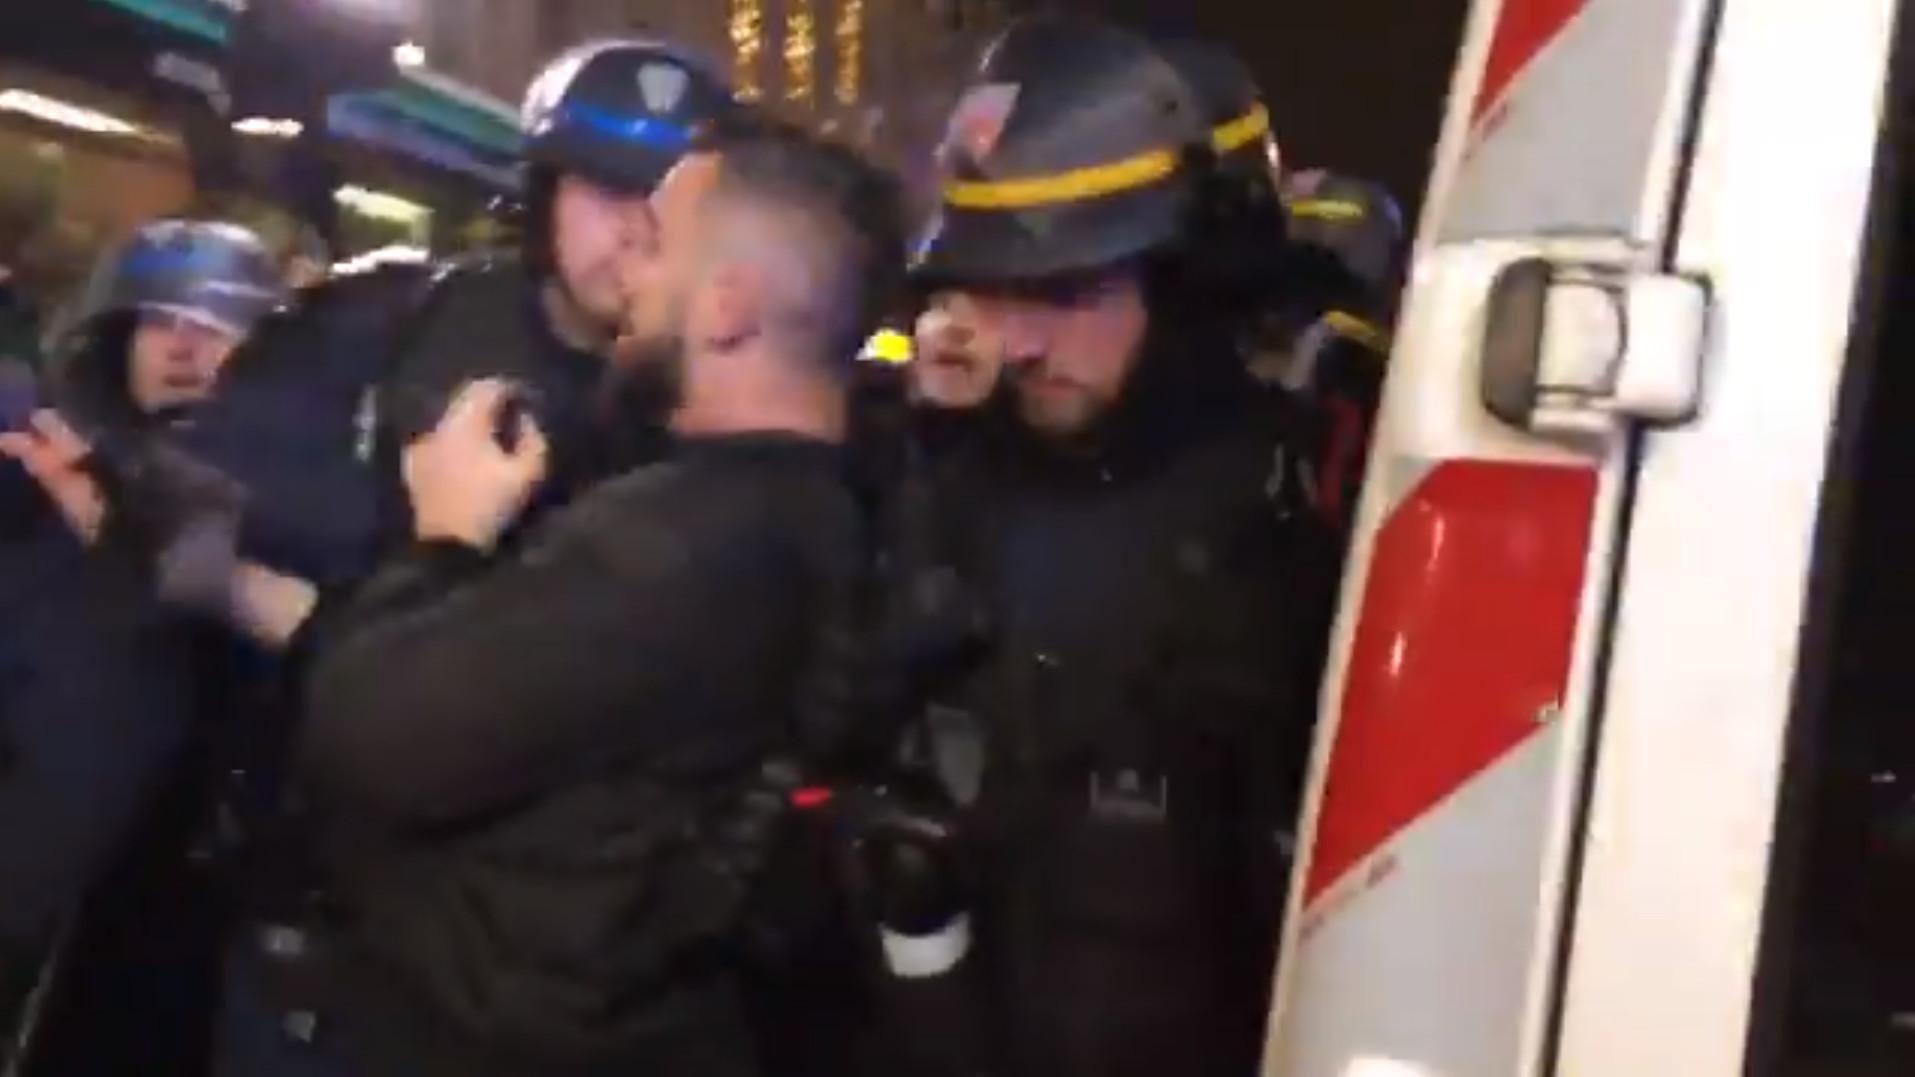 frankreich-gilets-jaunes-anfuhrer-festgenommen